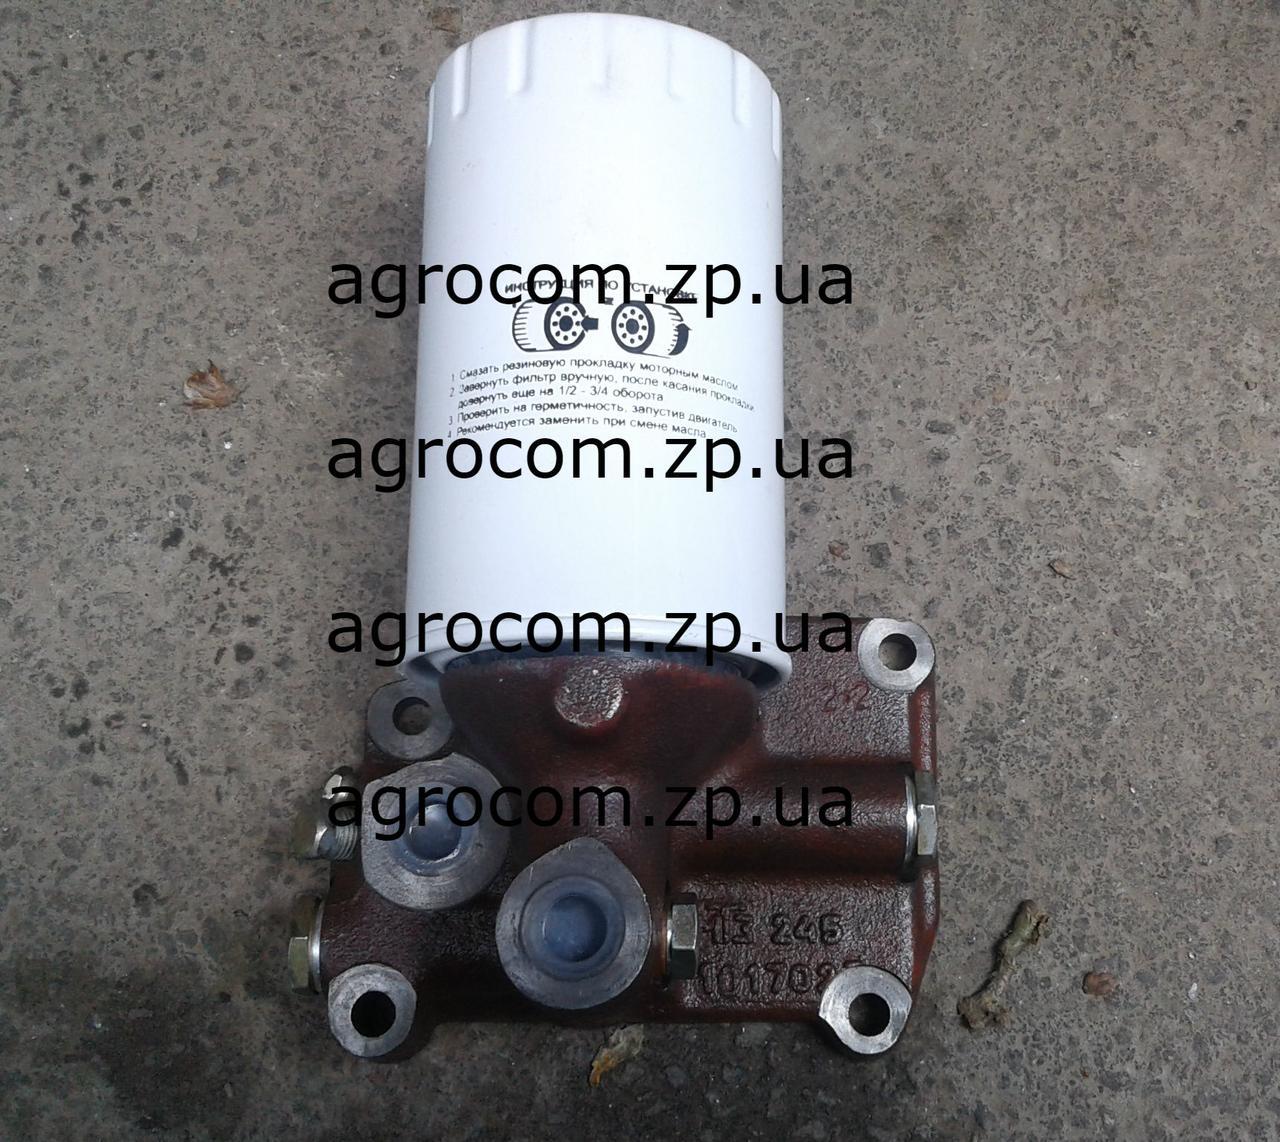 Корпус масляного фильтра МТЗ, Д-240, Д-245